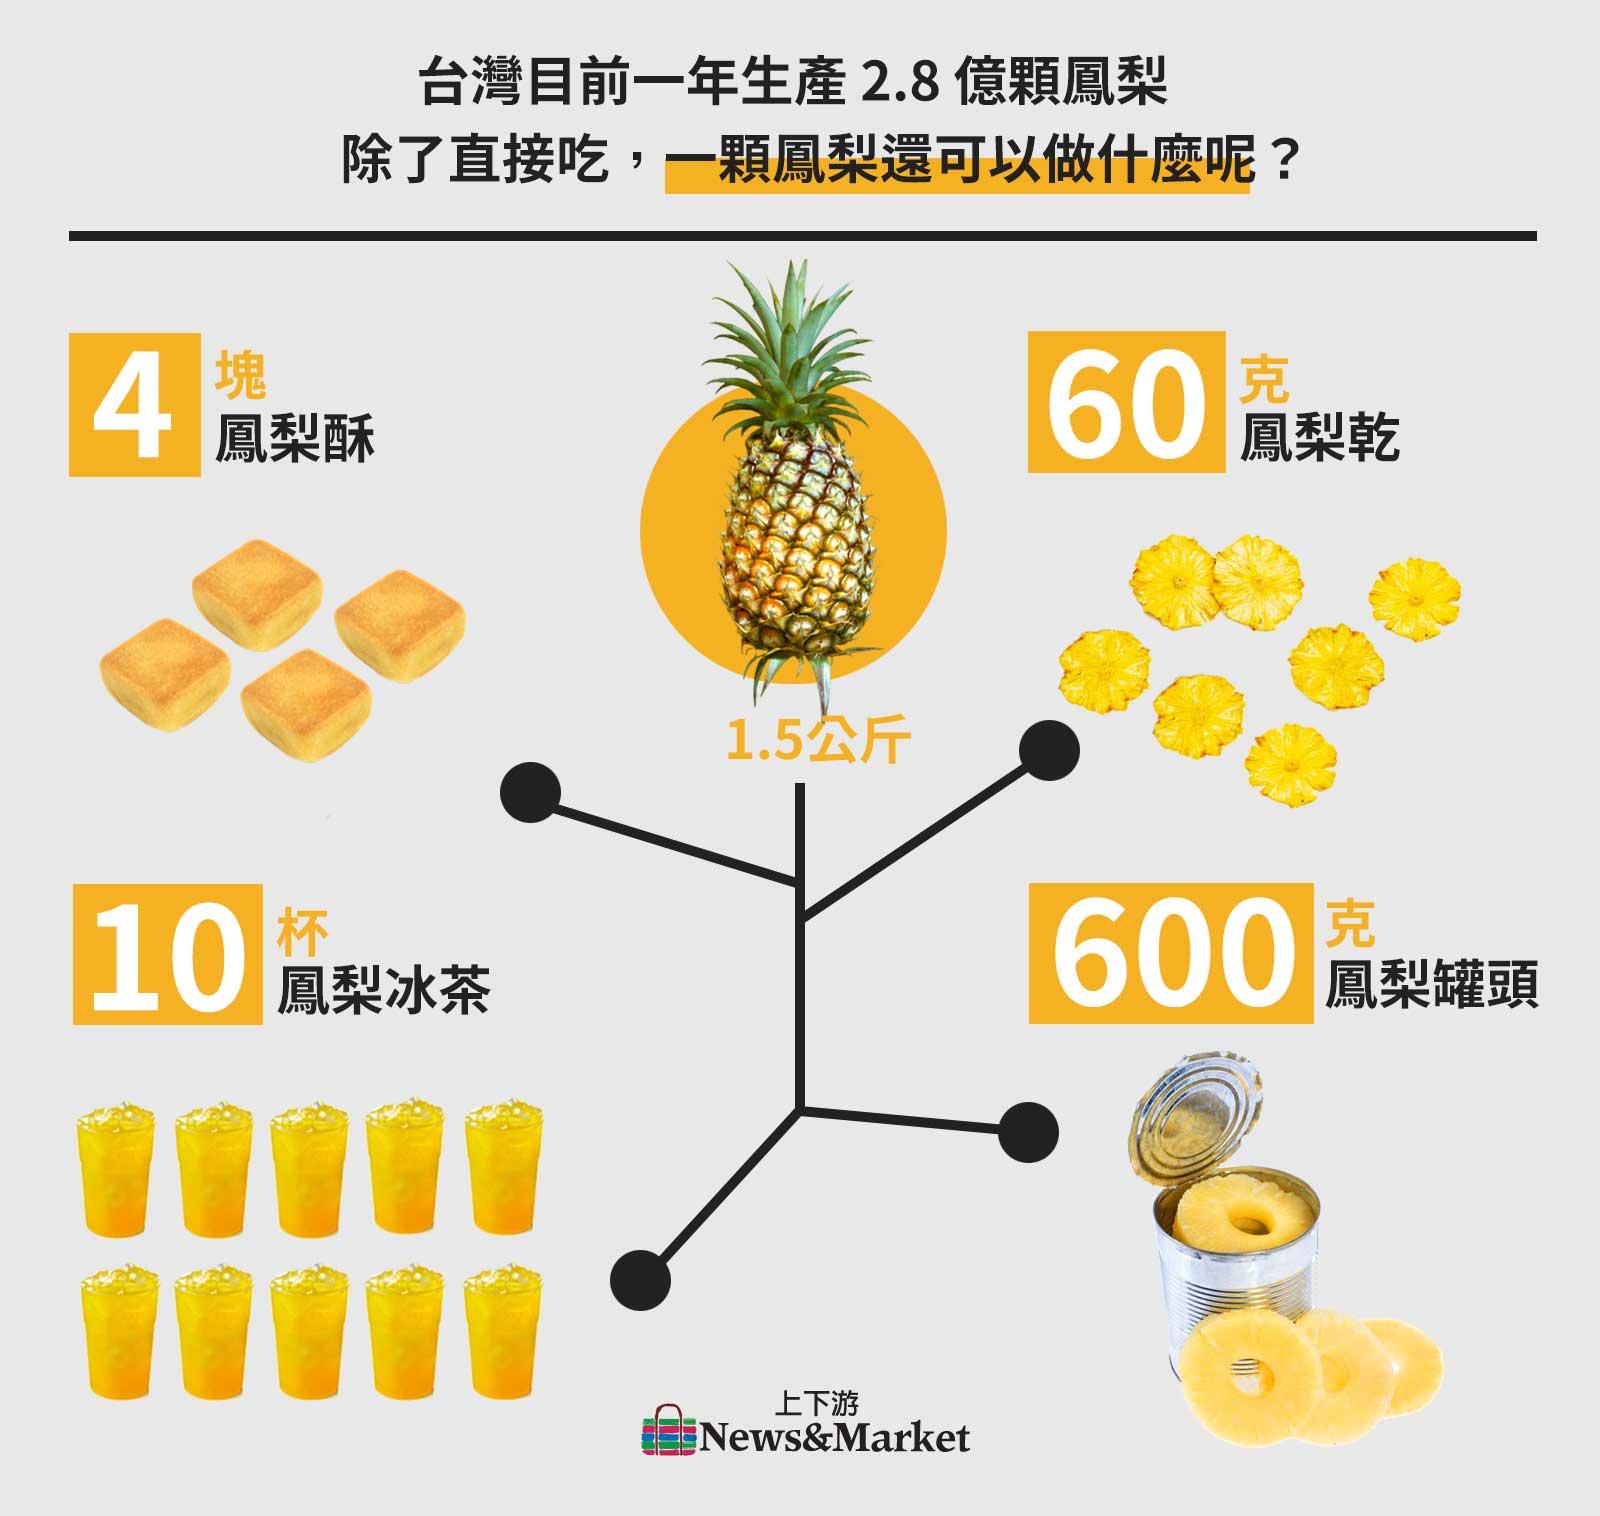 台灣目前一年生產2.8億顆鳳梨,除了直接吃,一顆鳳梨還可以做什麼呢?